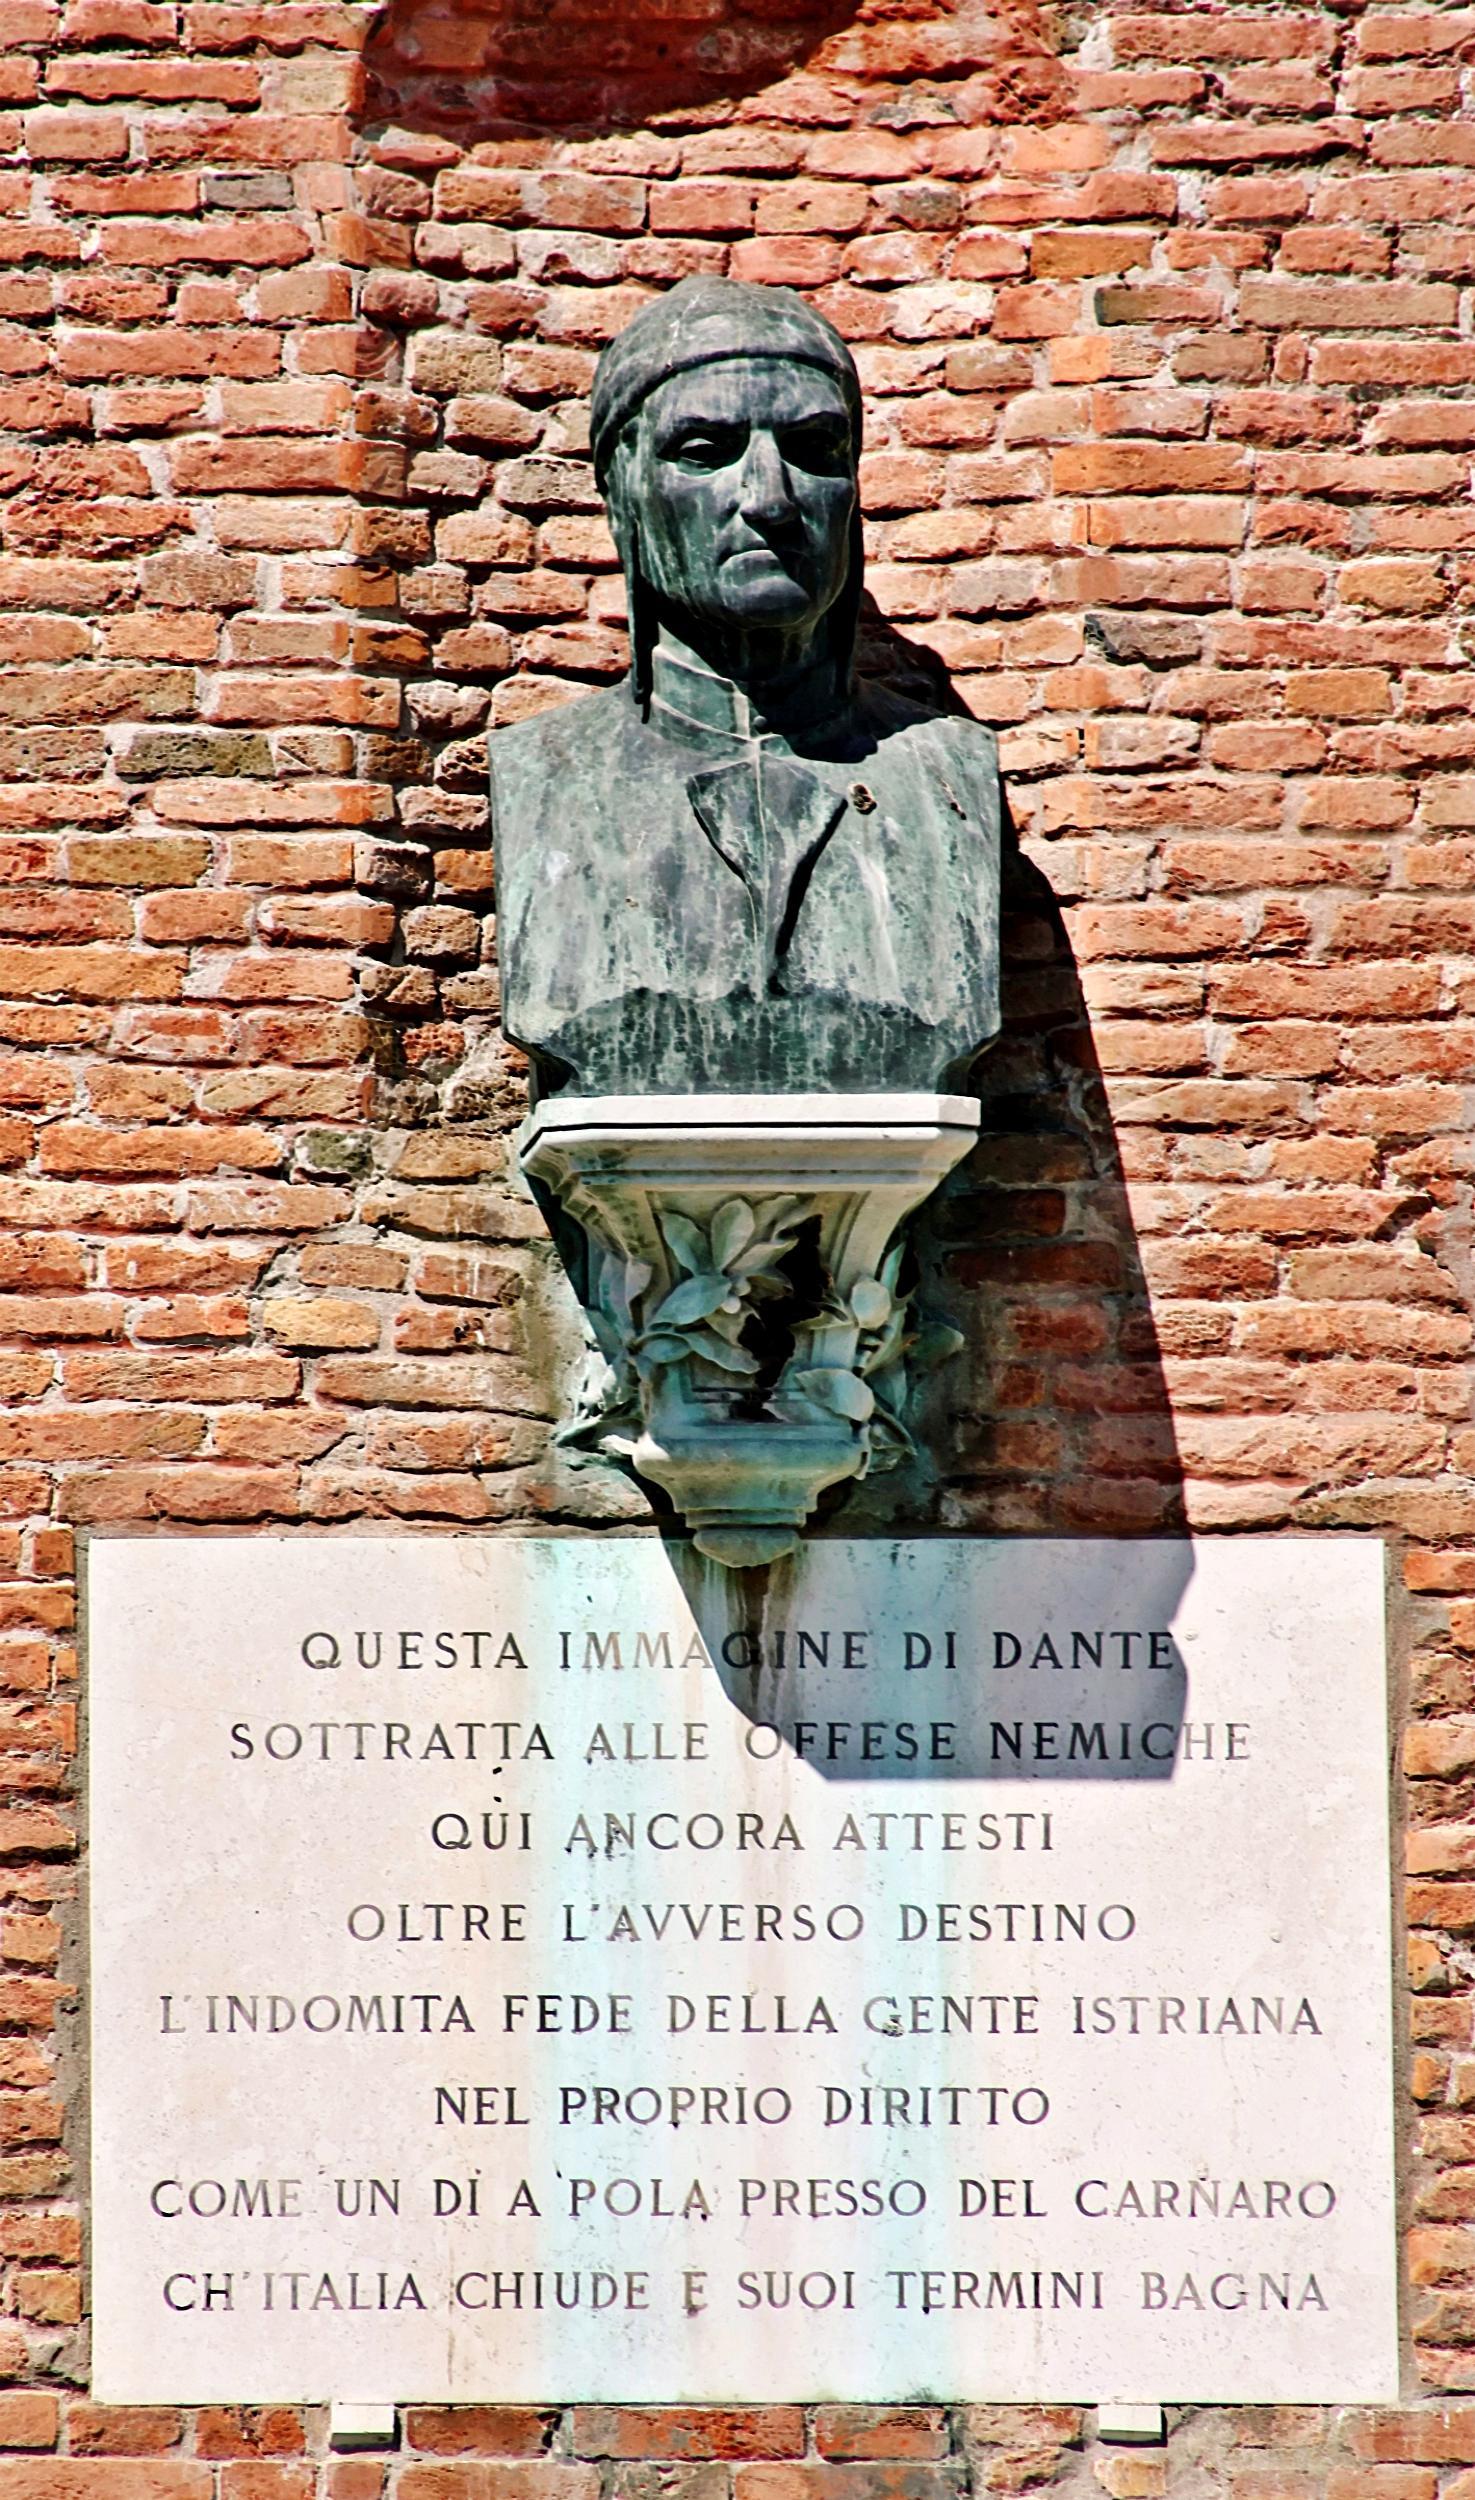 Prossimità dell'ingresso dell'Arsenale di Venezia, busto di Dante e versi 113-114 del Canto IX dell'Inferno.